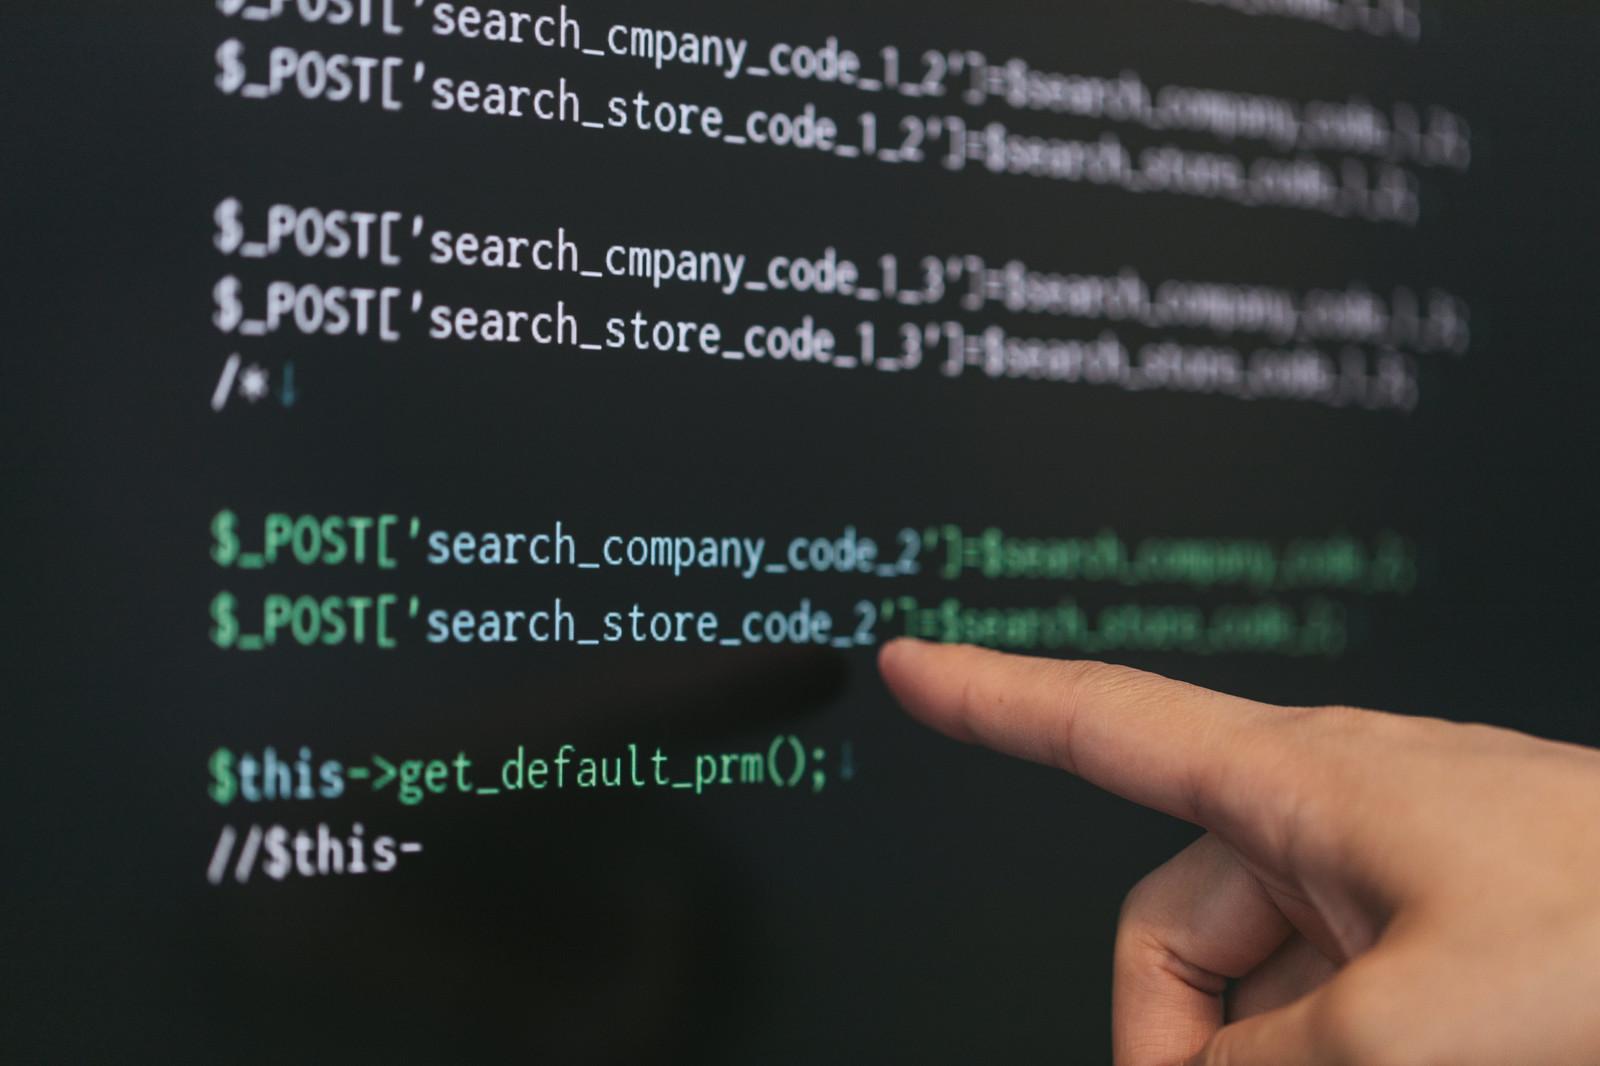 独学で勉強できる初心者向けはじめてのプログラミング学習サイト!